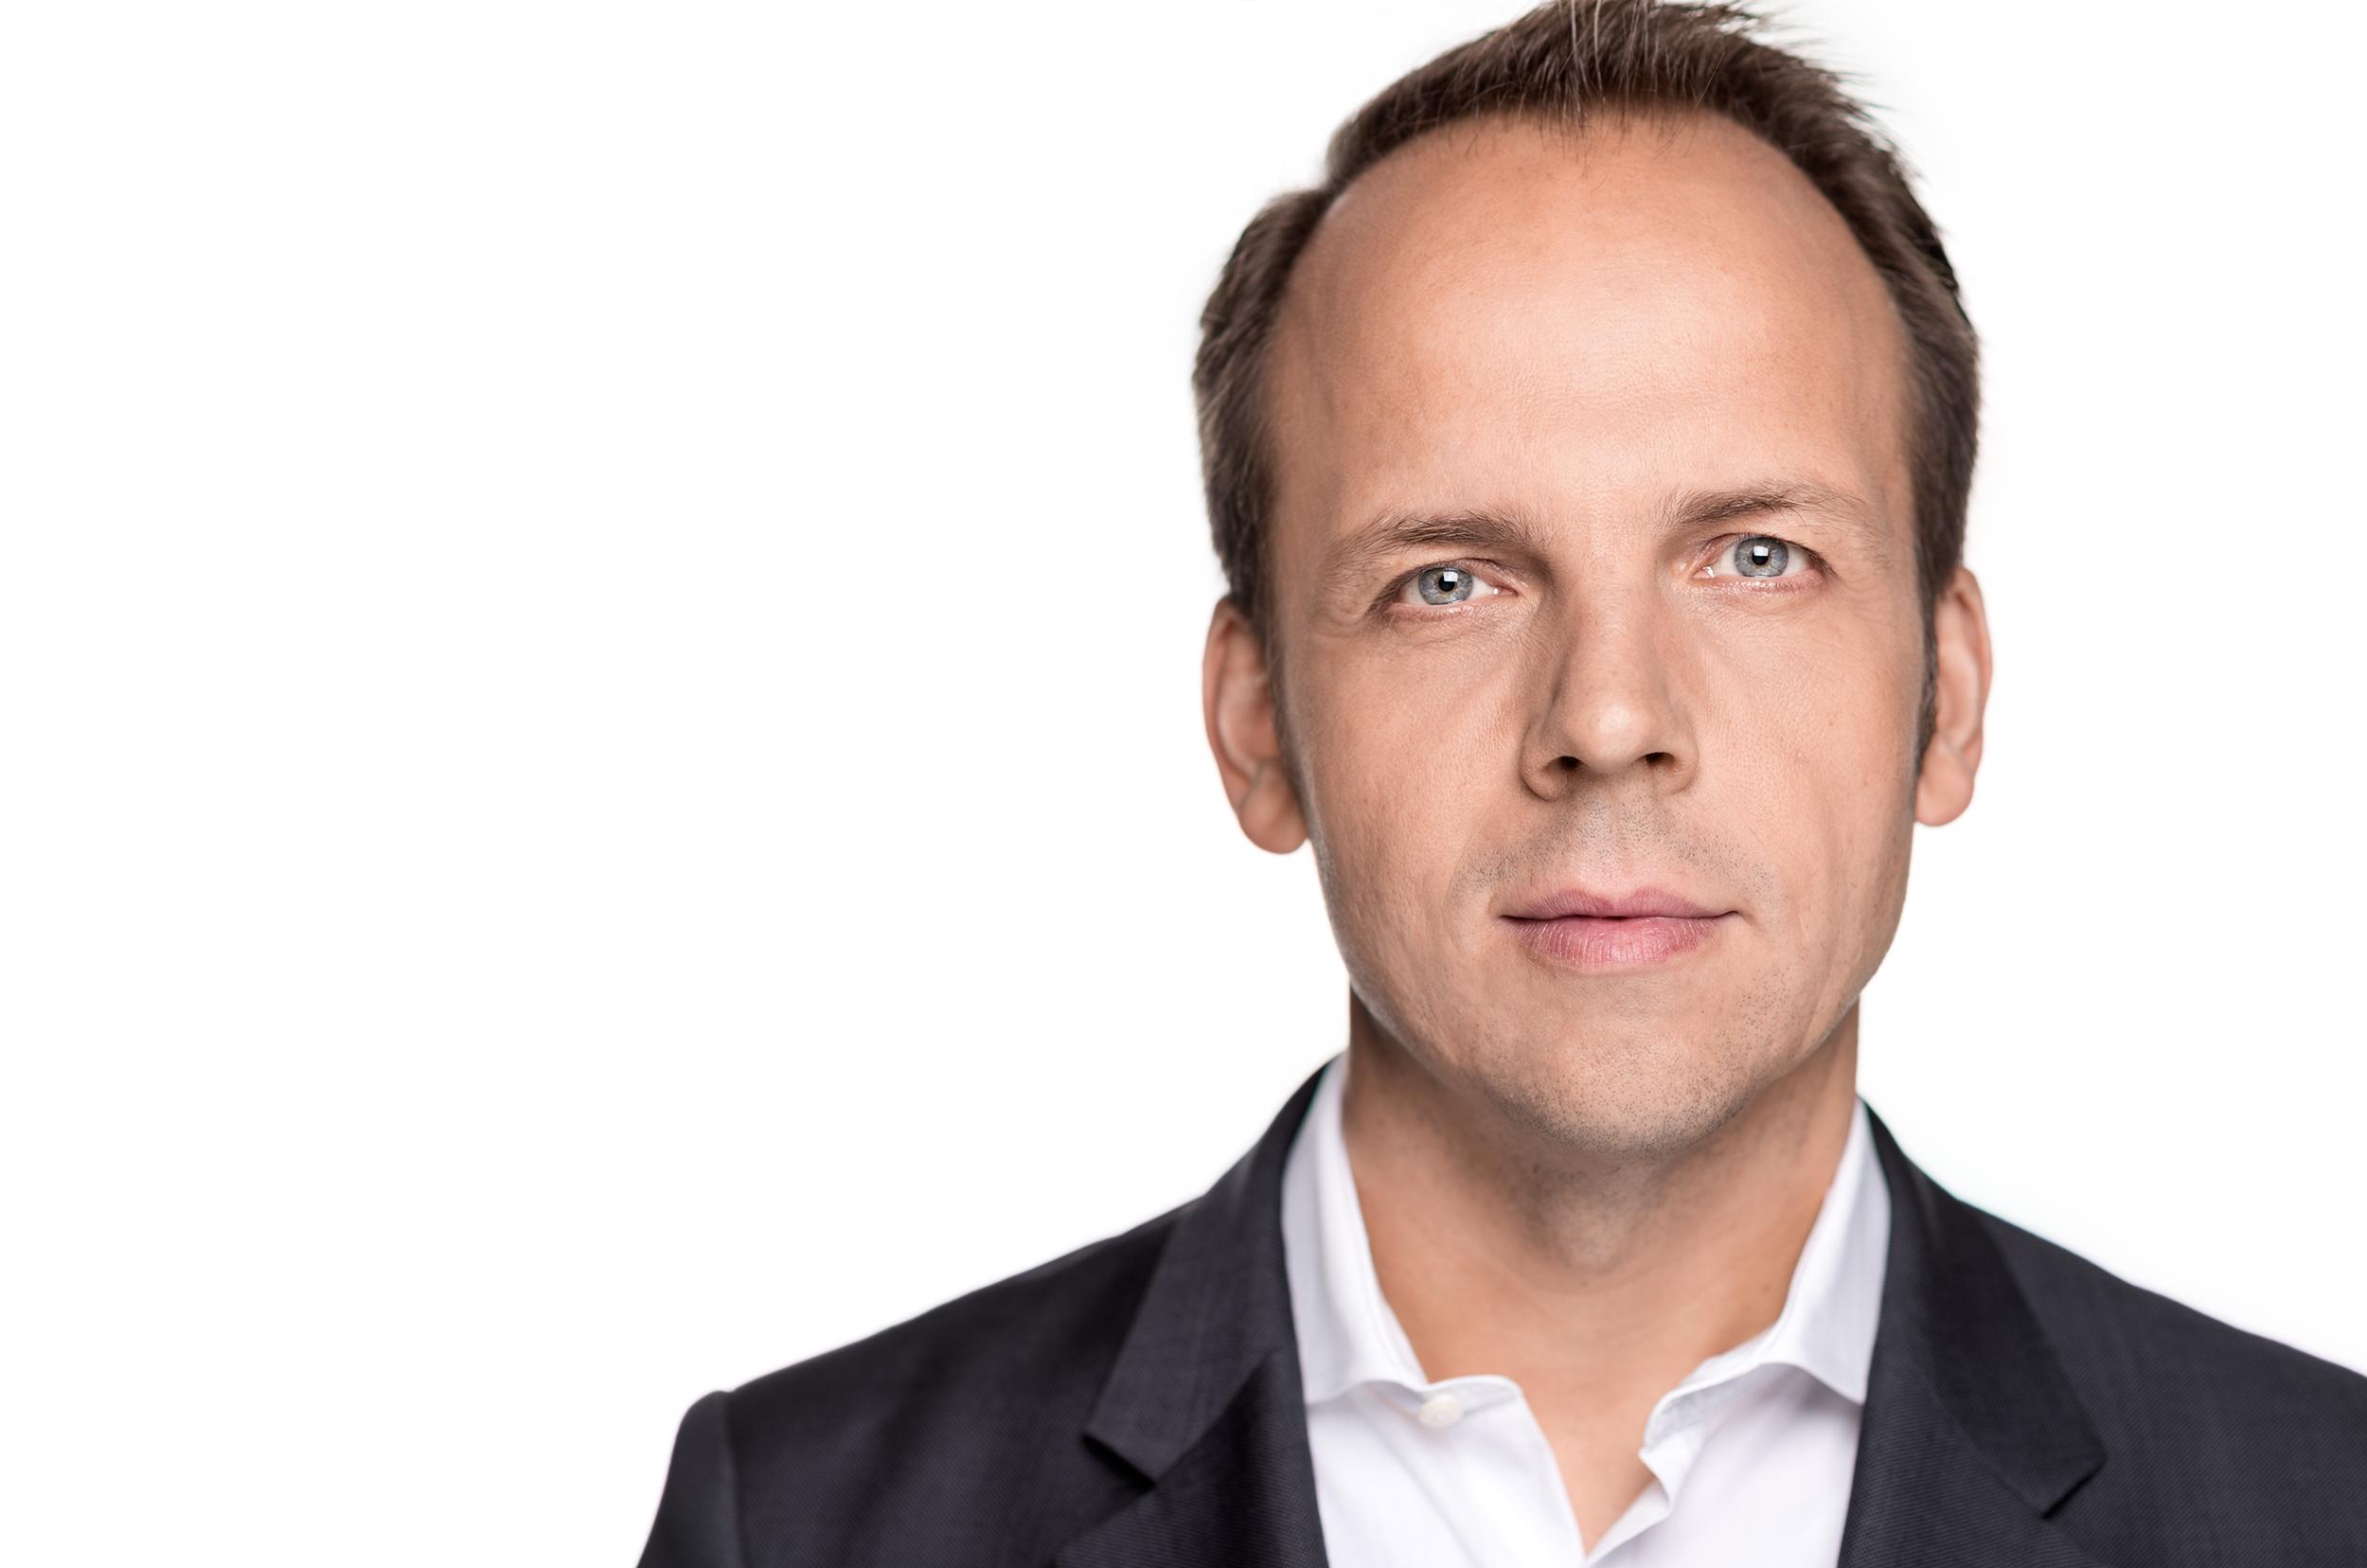 Markus-Pertlwieser-Press2.JPG